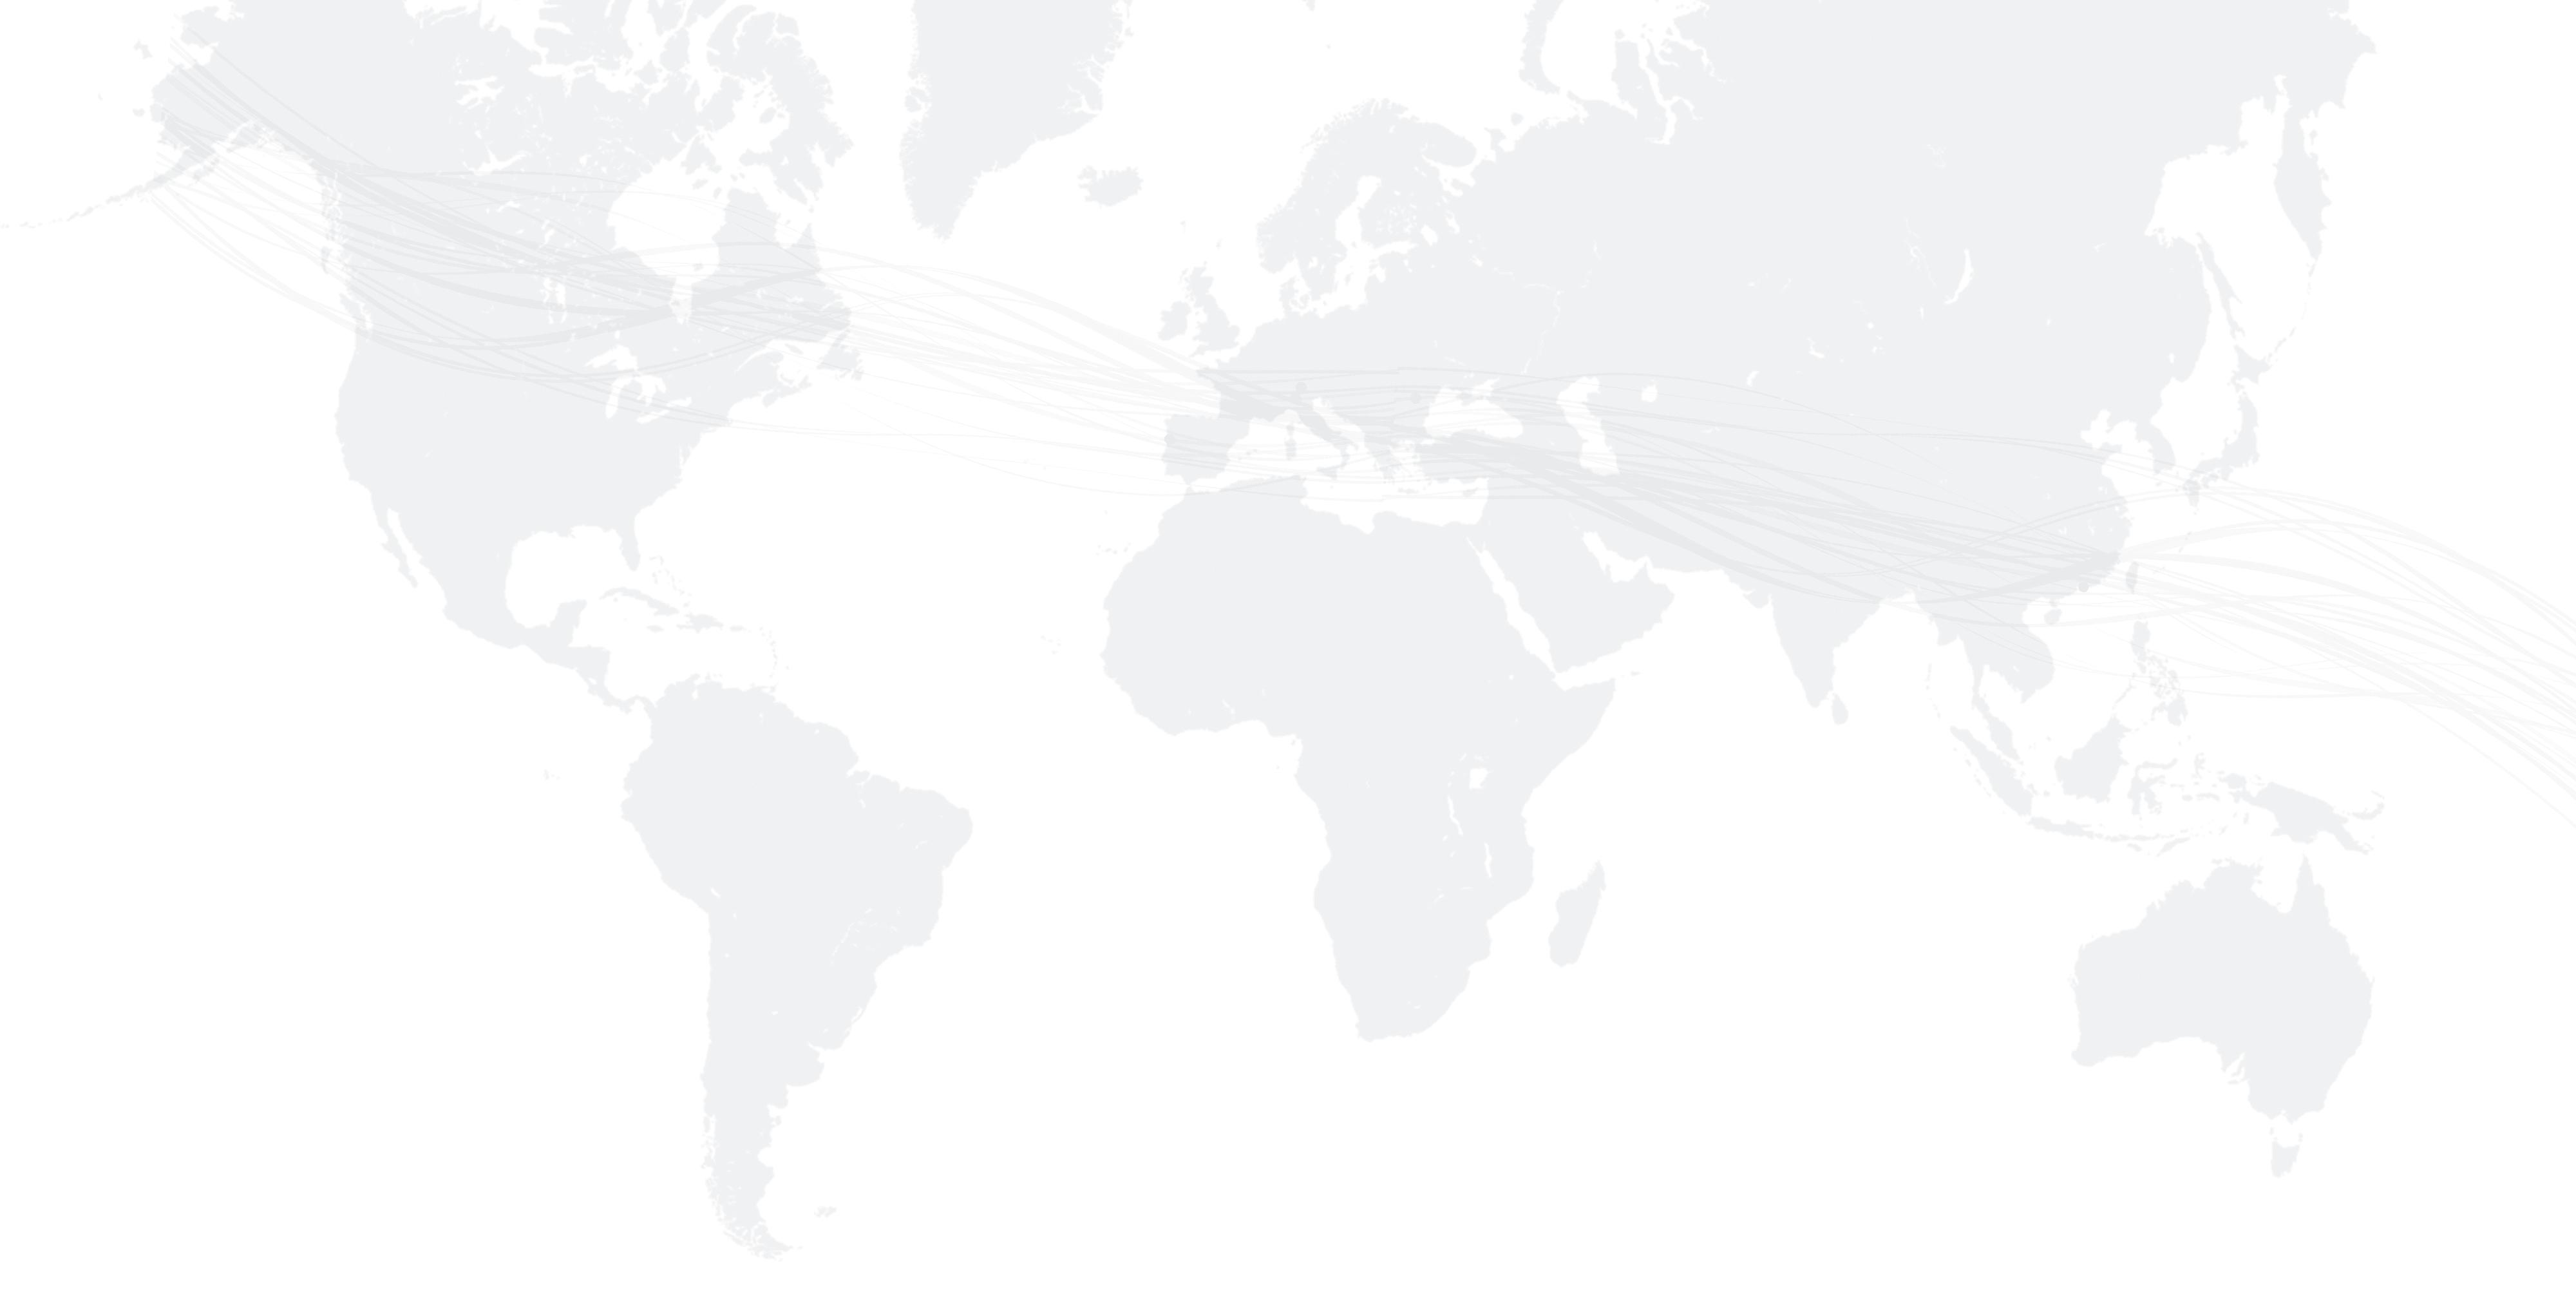 Carte indiquant l'emplacement des ateliers qui confectionnent les vêtements sur-mesure Atelier Mesure